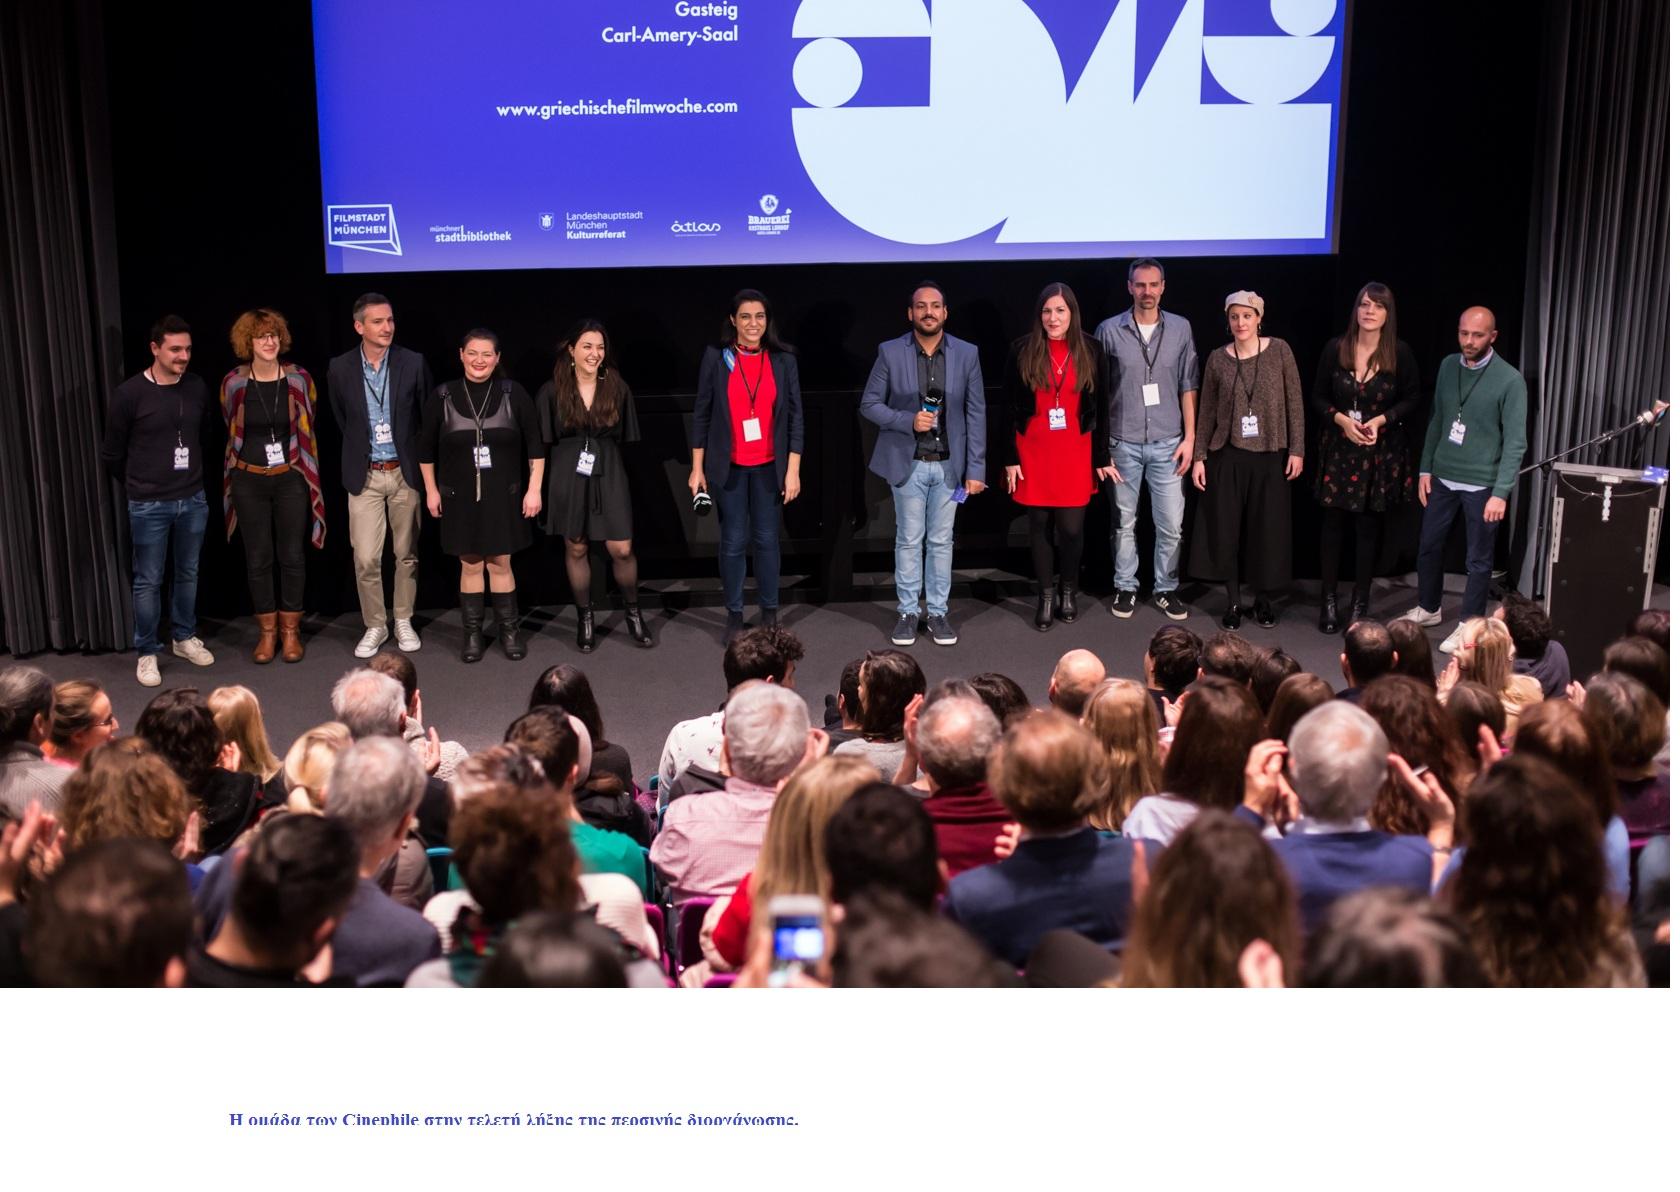 Η ομάδα των Cinephile στην τελετή λήξης της περσινής διοργάνωσης